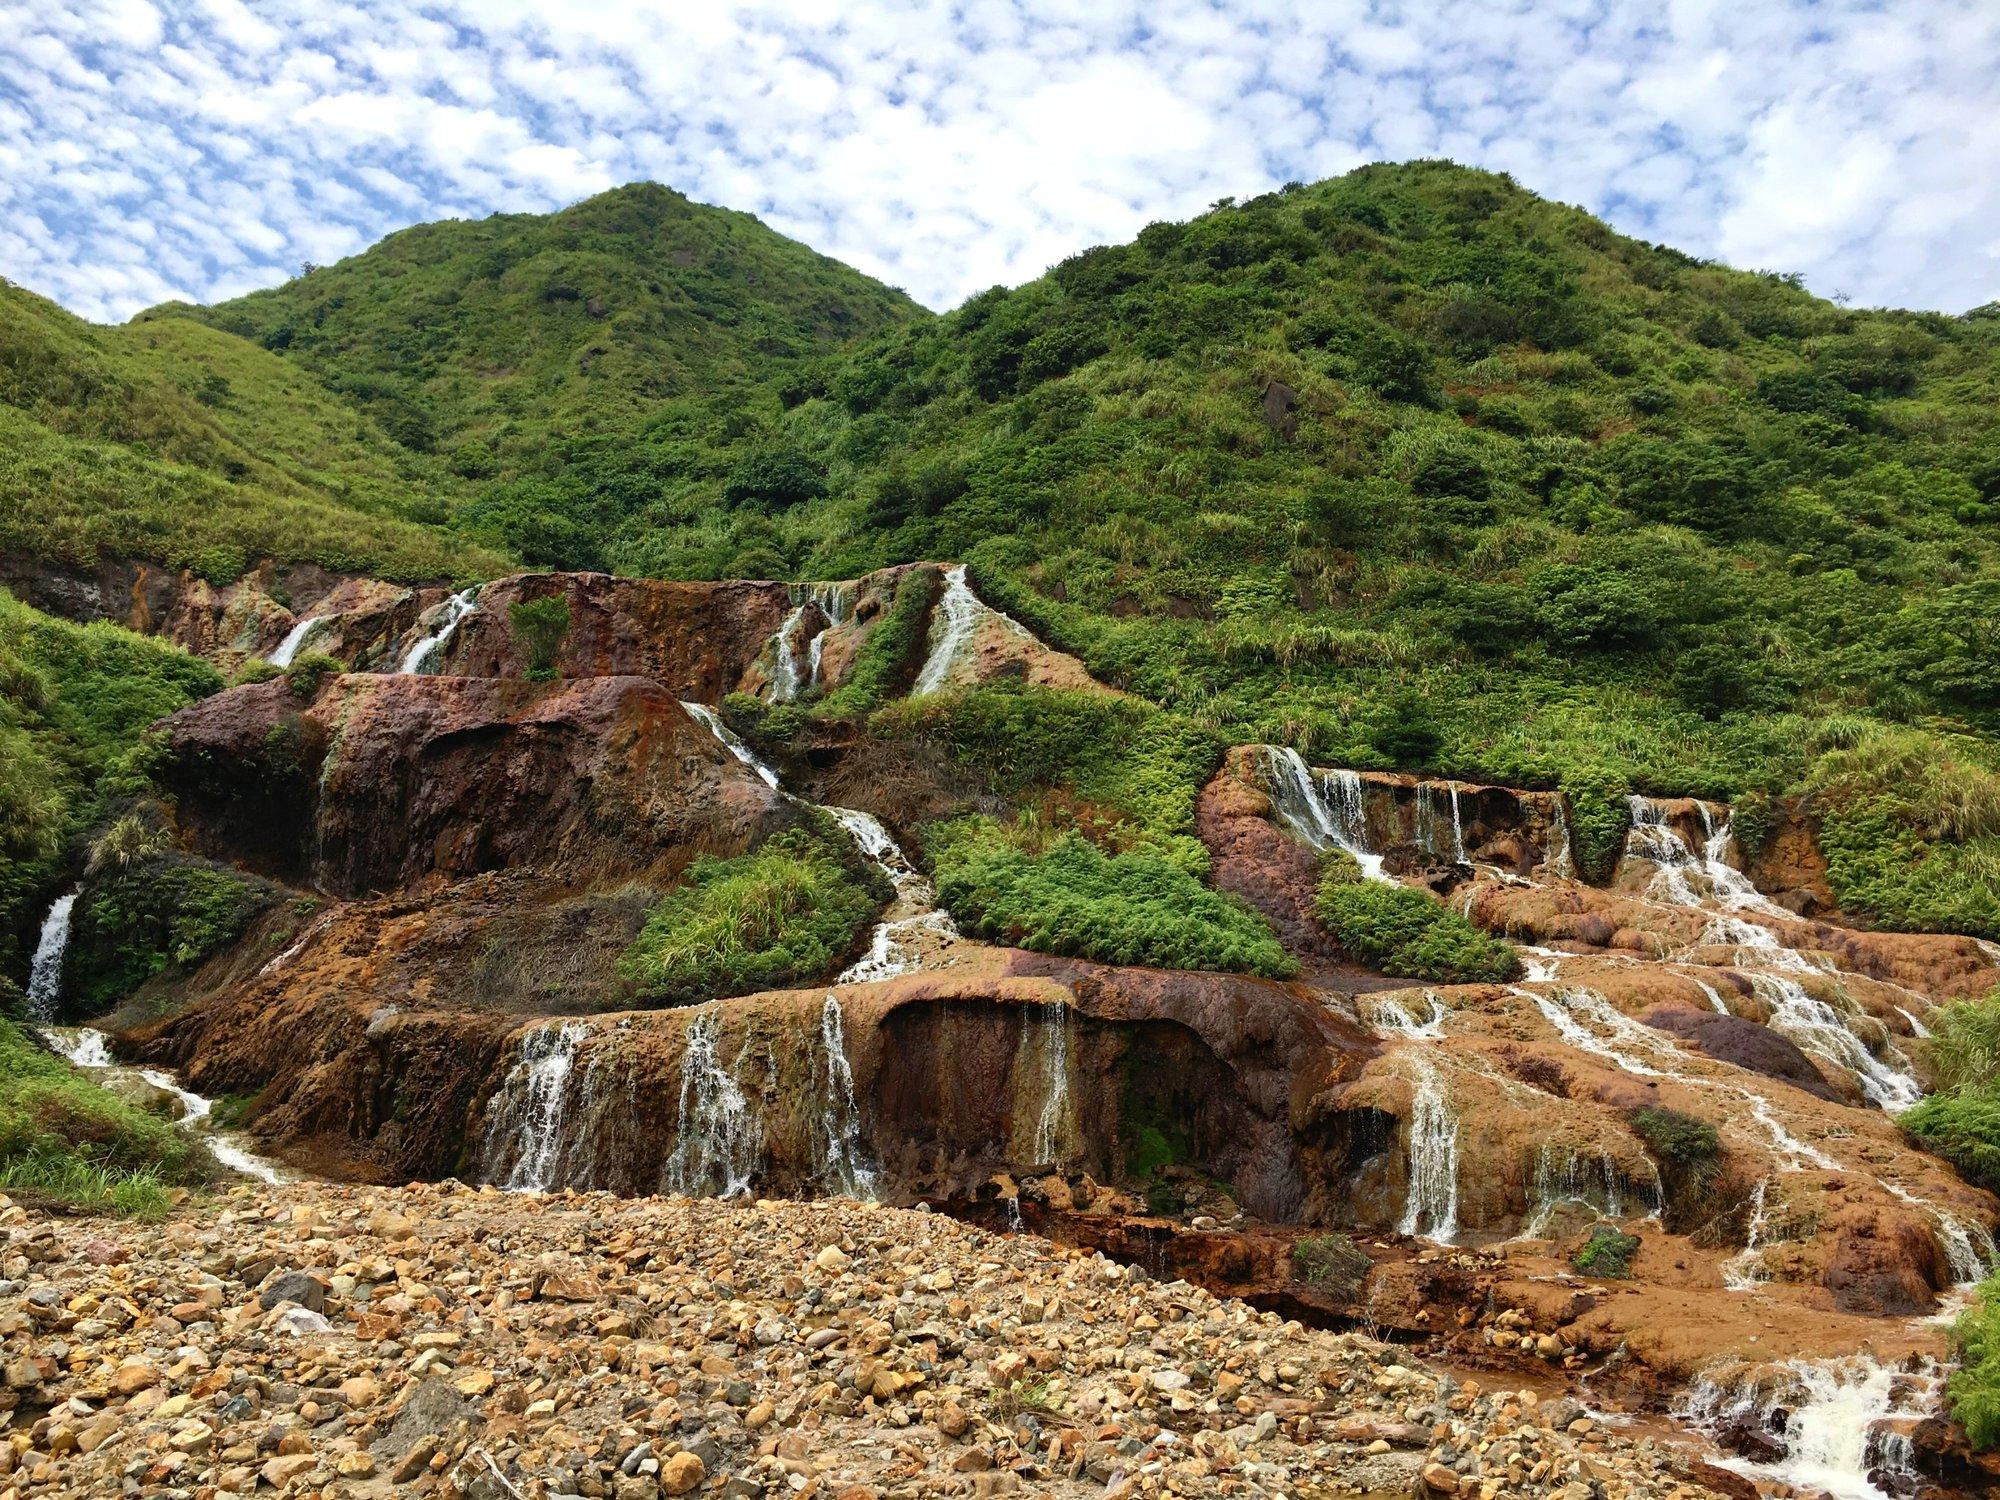 Golden Waterfall – opravdová pastvoa pro oči